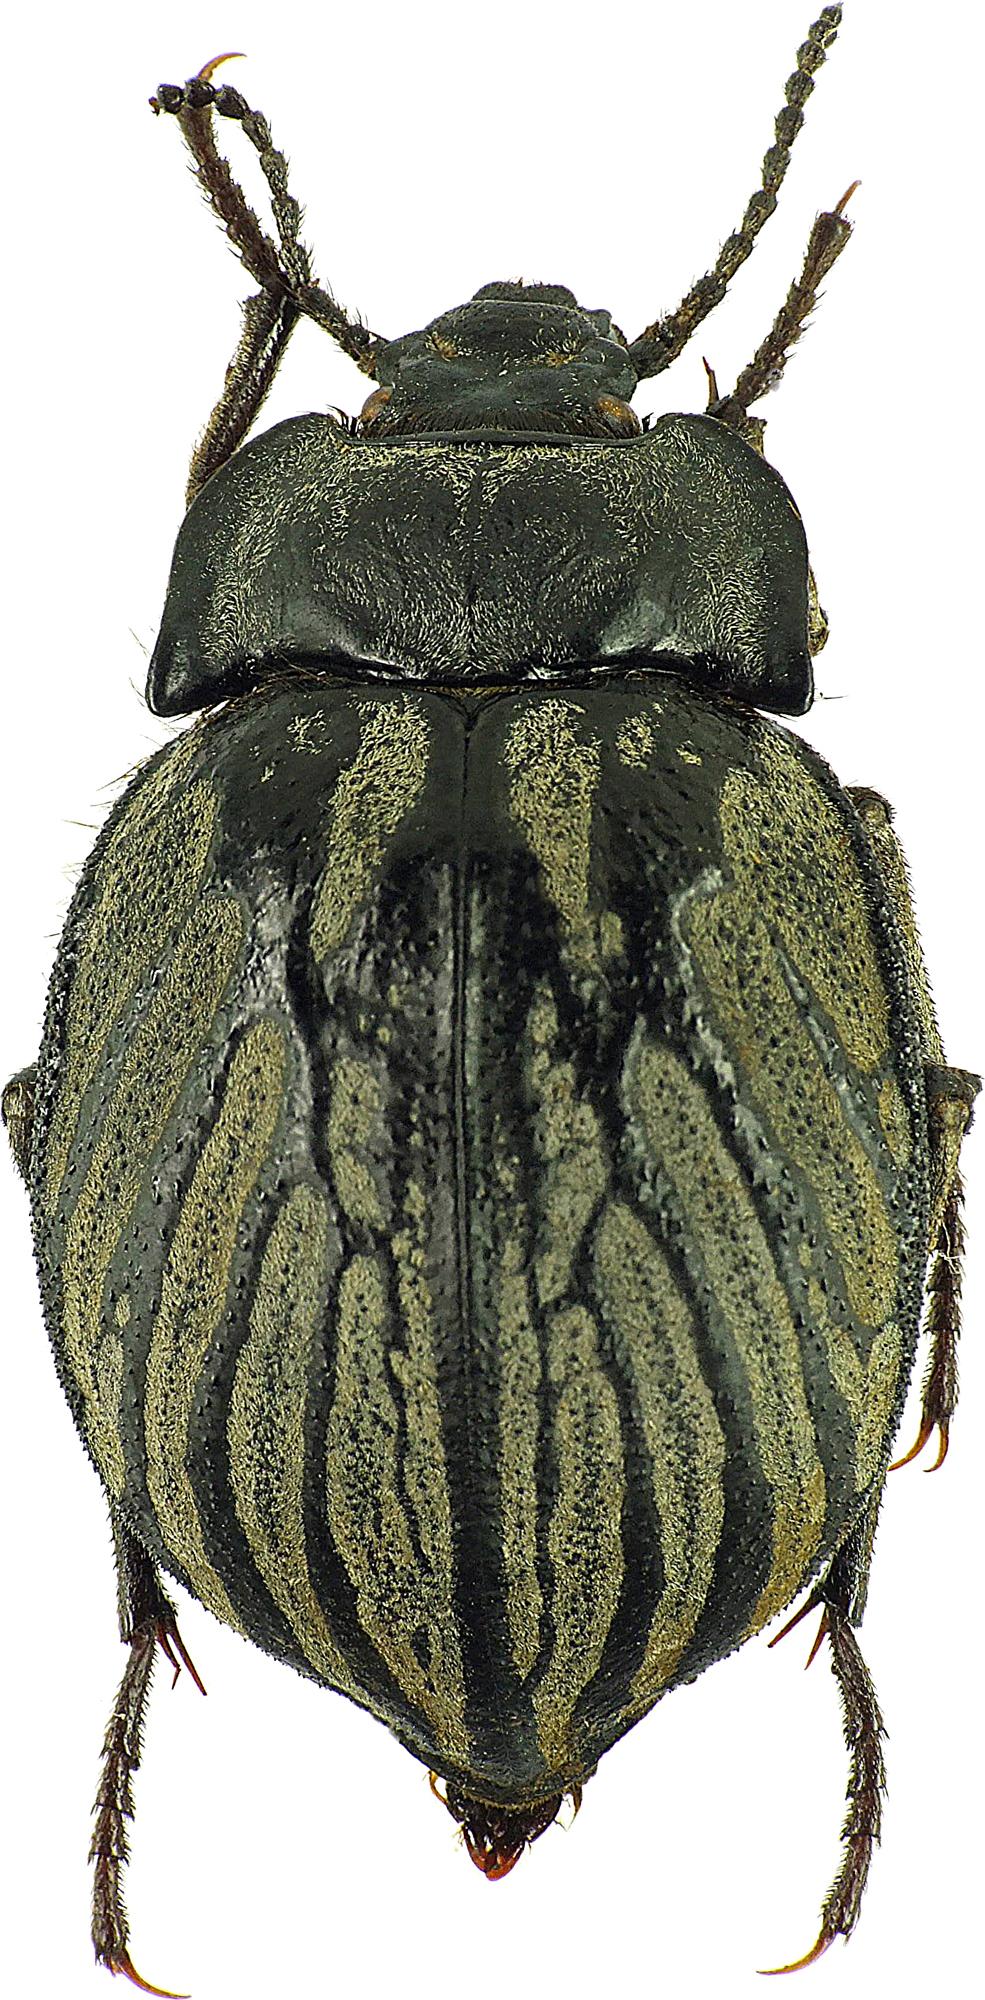 Gyriosomus elongatus 25228cz34.jpg